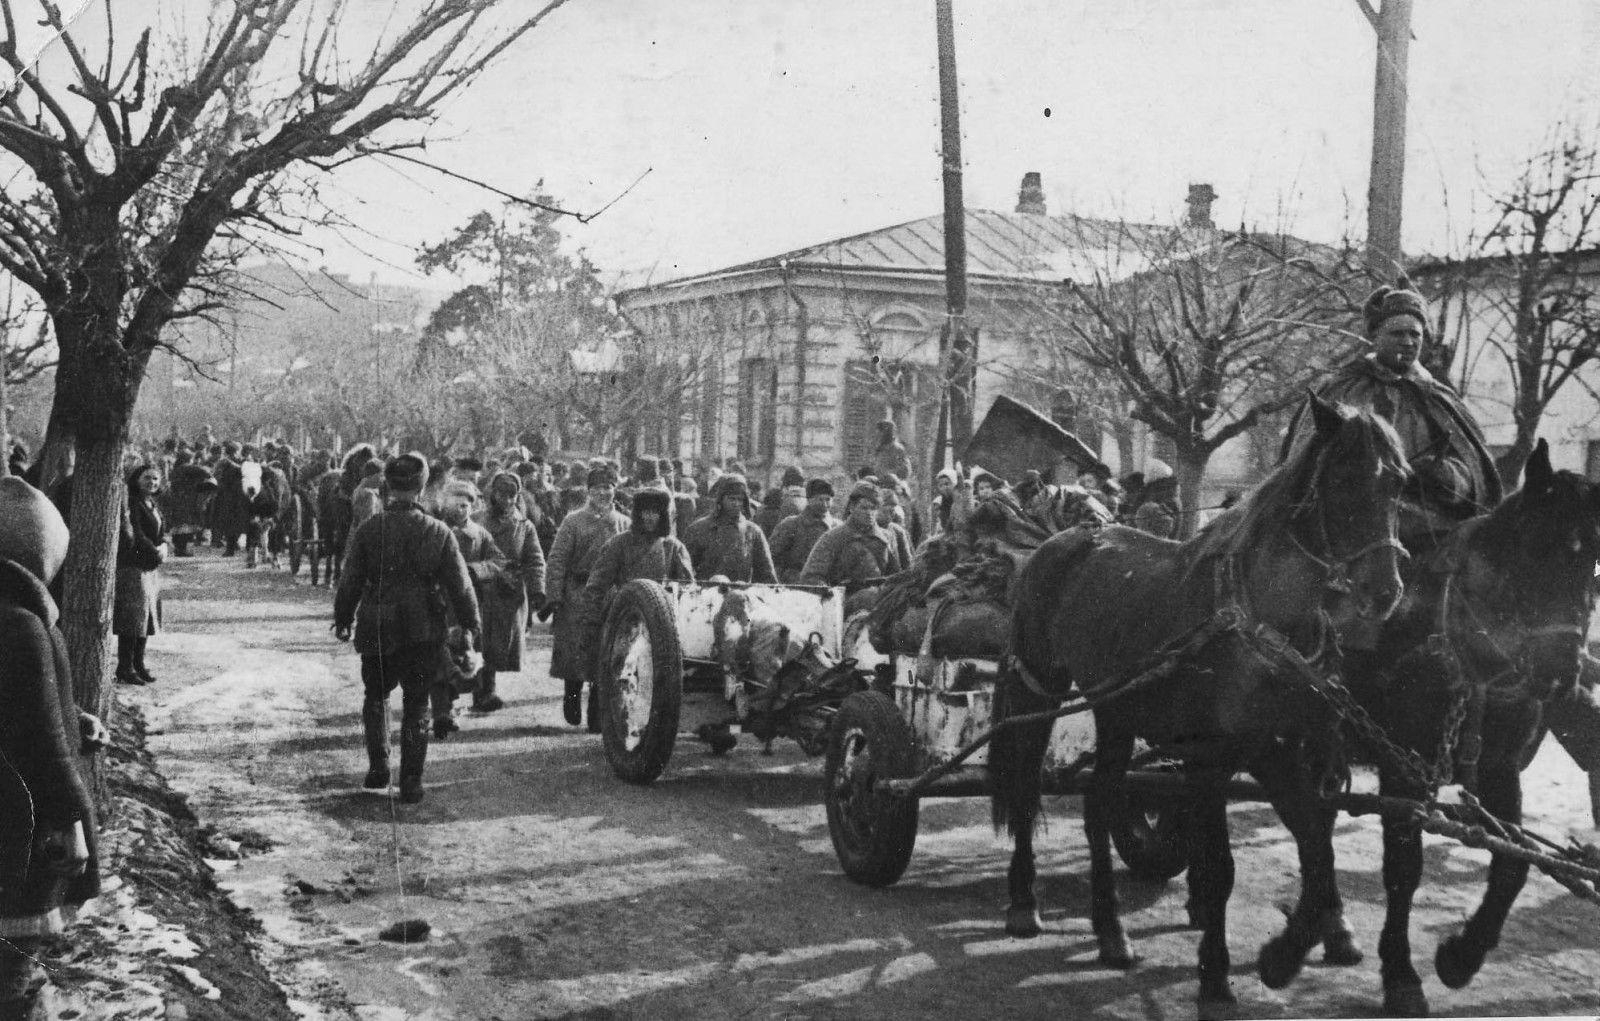 Части Красной армии в Краснодаре, 12 февраля 1943 года ©Фото с сайта waralbum.ru